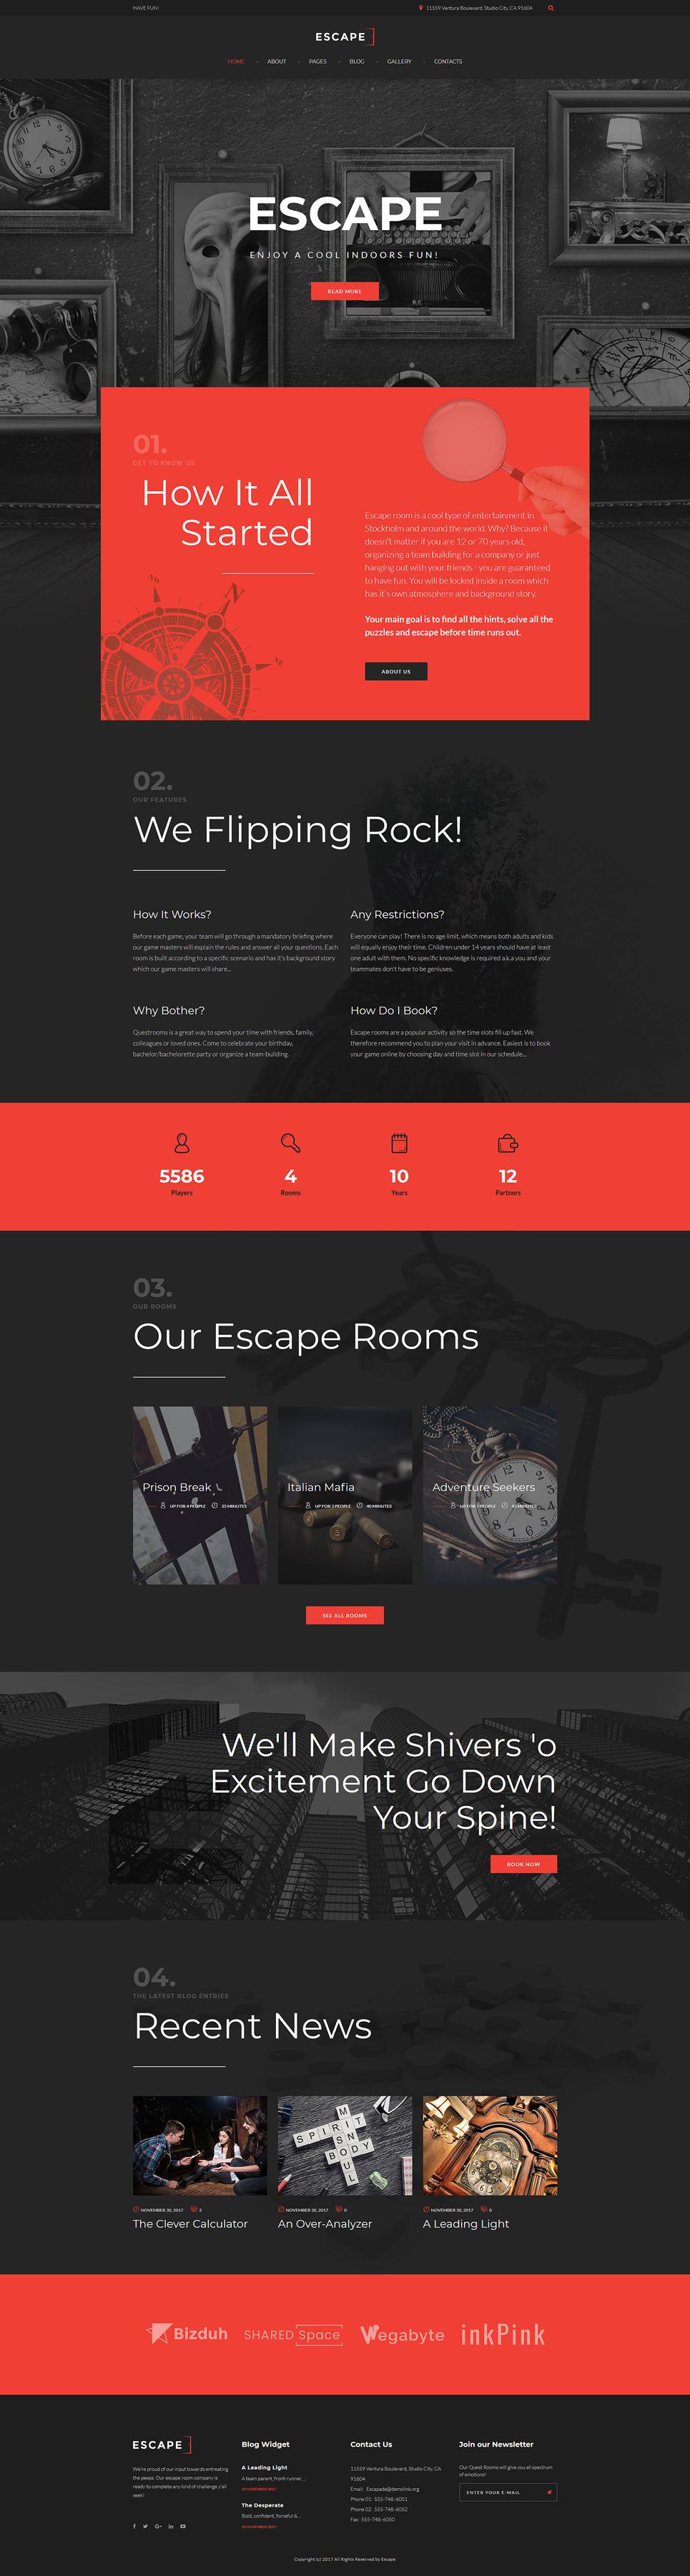 Escape - Escape Room Joomla Template